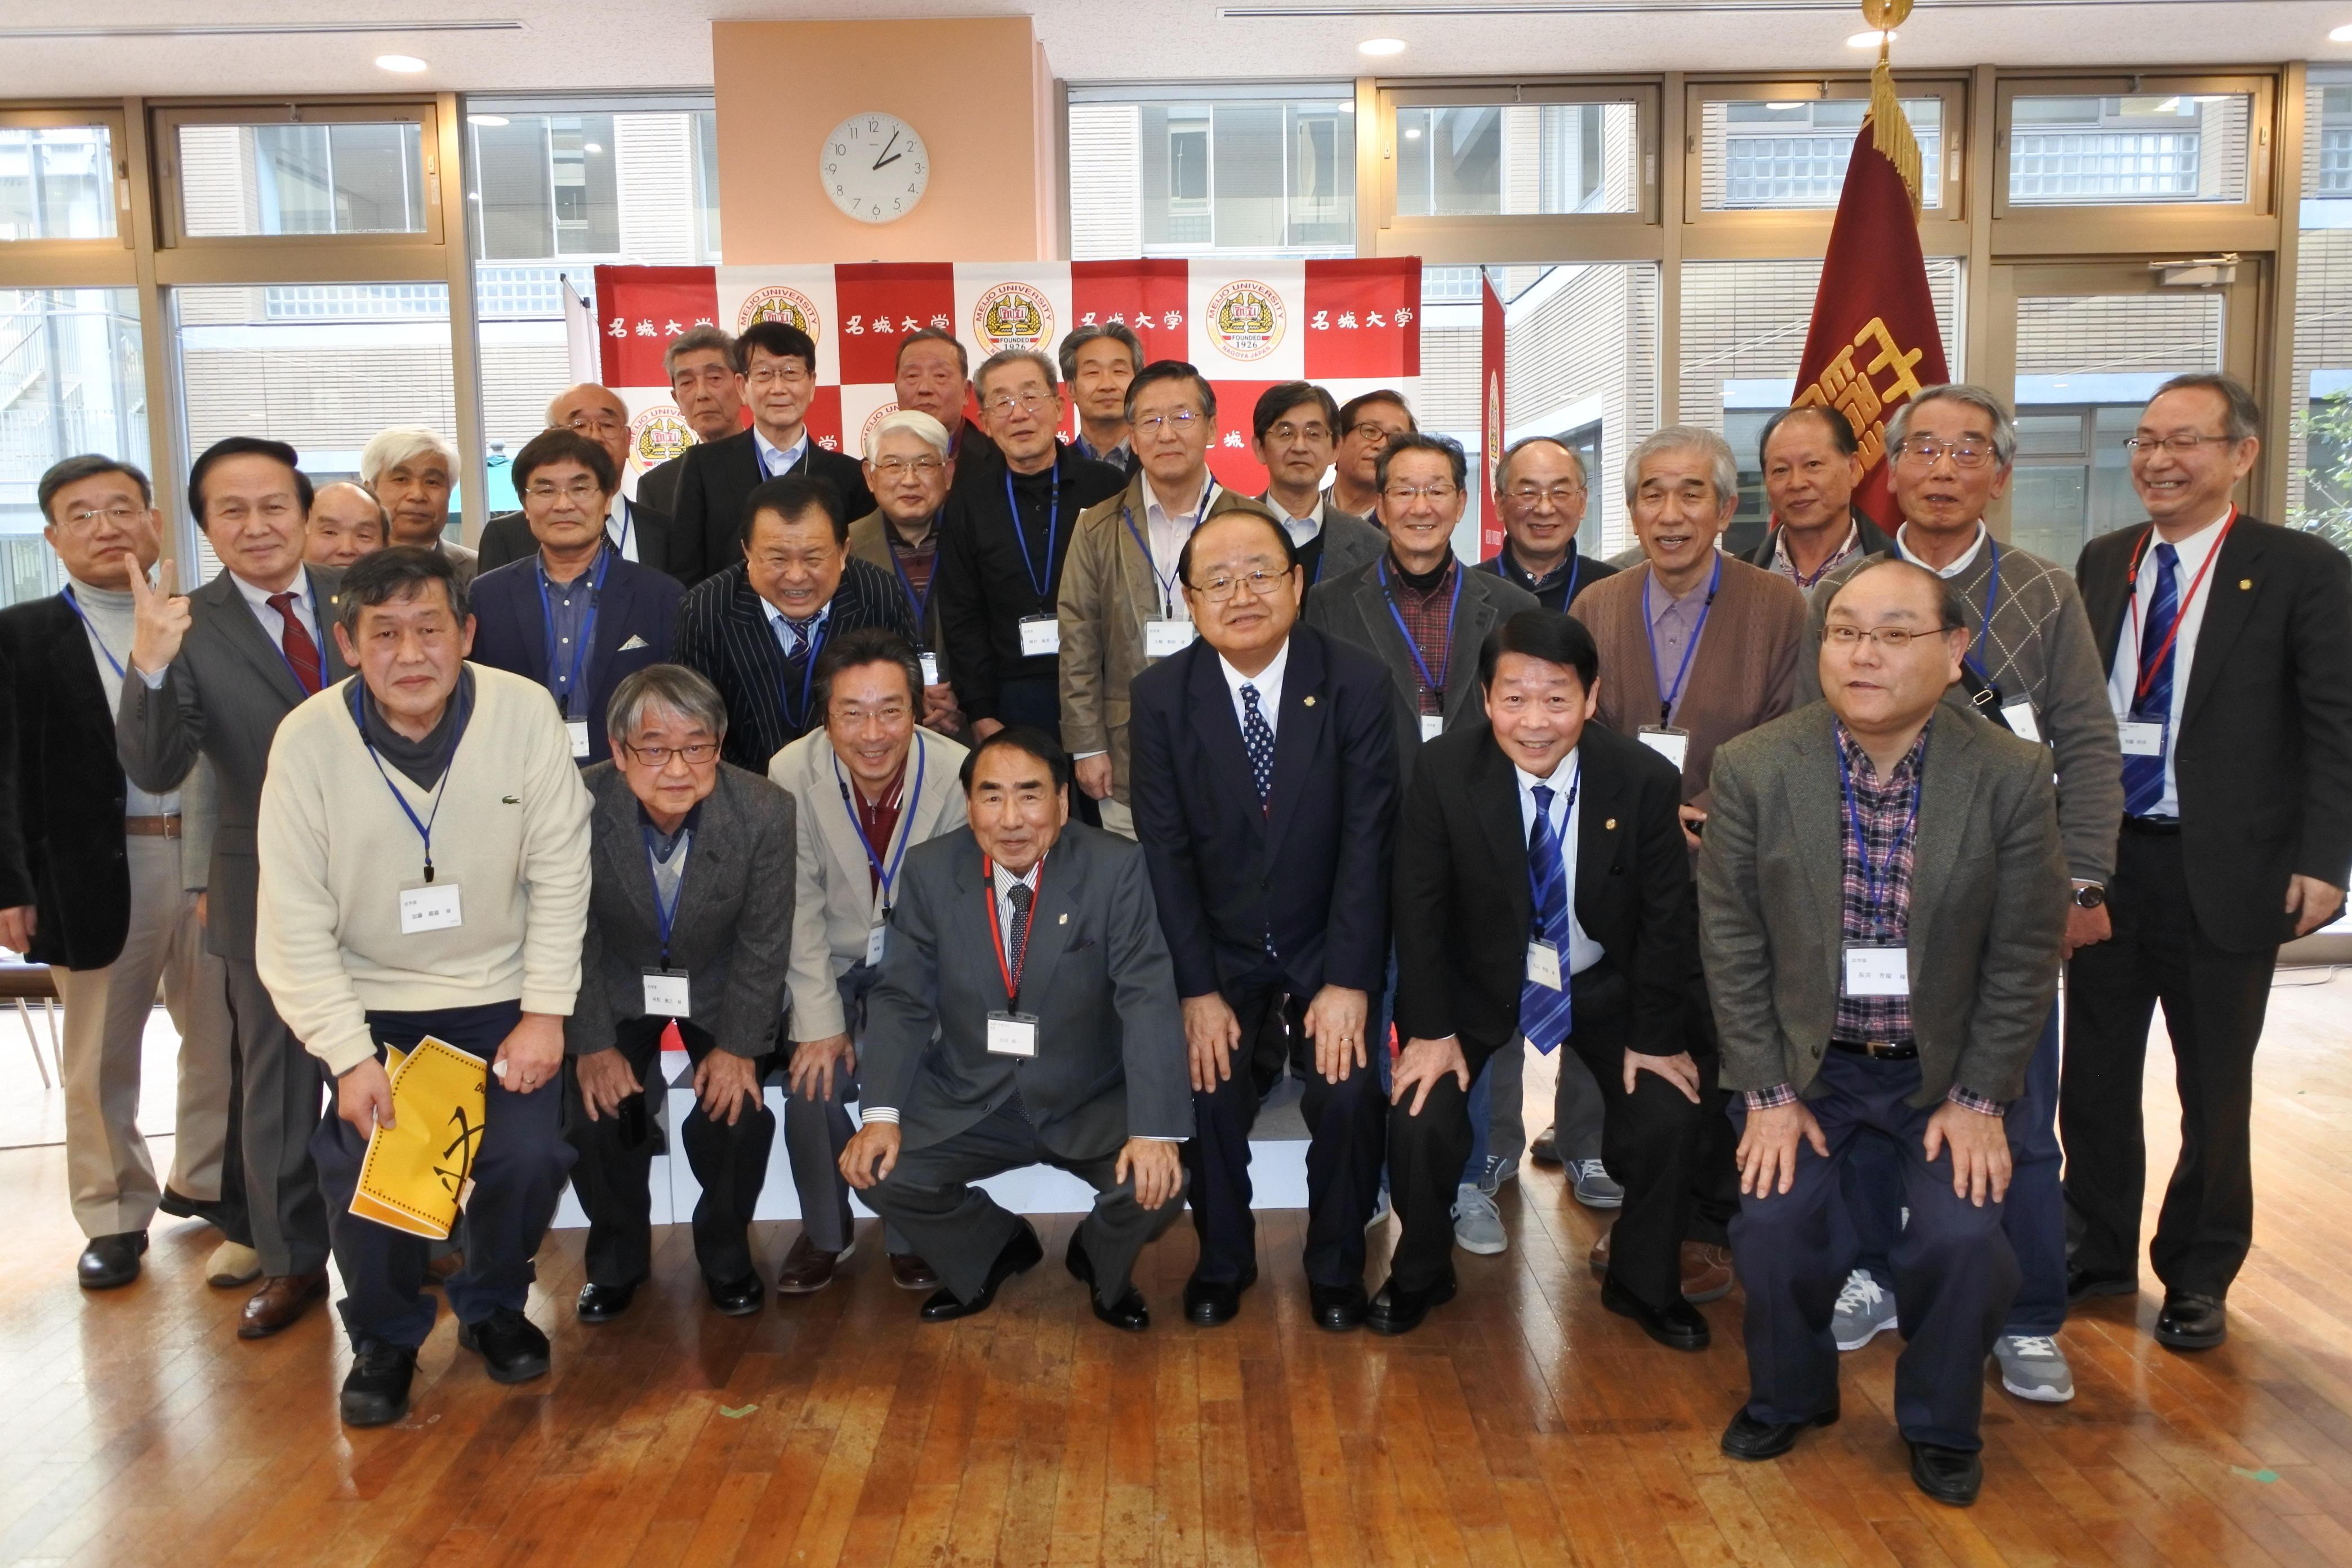 立花貞司理事長(前列右から3人目)と記念撮影する法学部卒業生たち